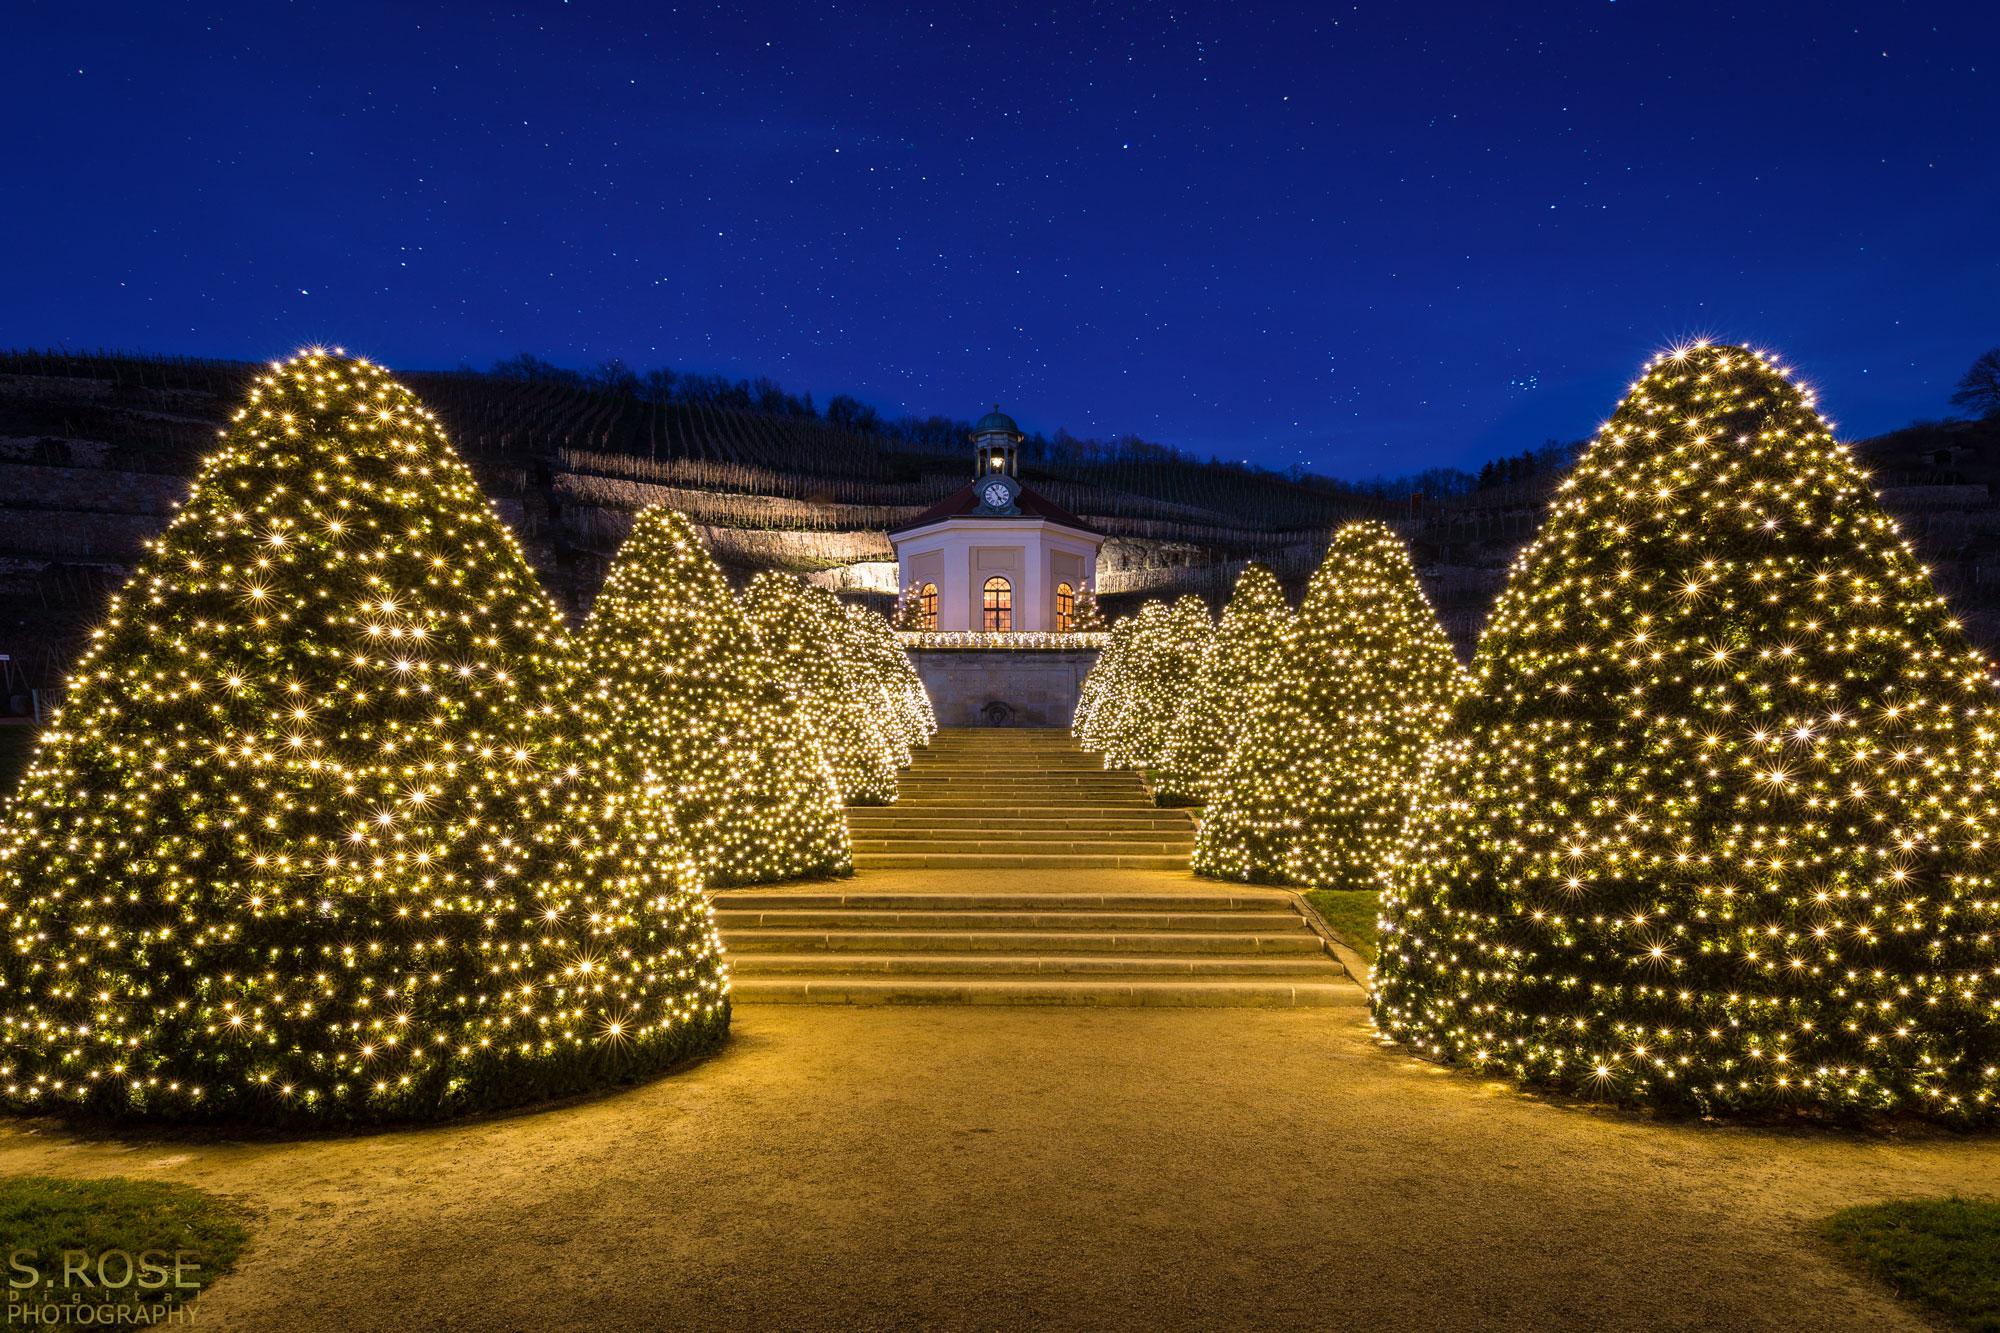 Wackerbarth zu Weihnachten - S.Rose Fotografie